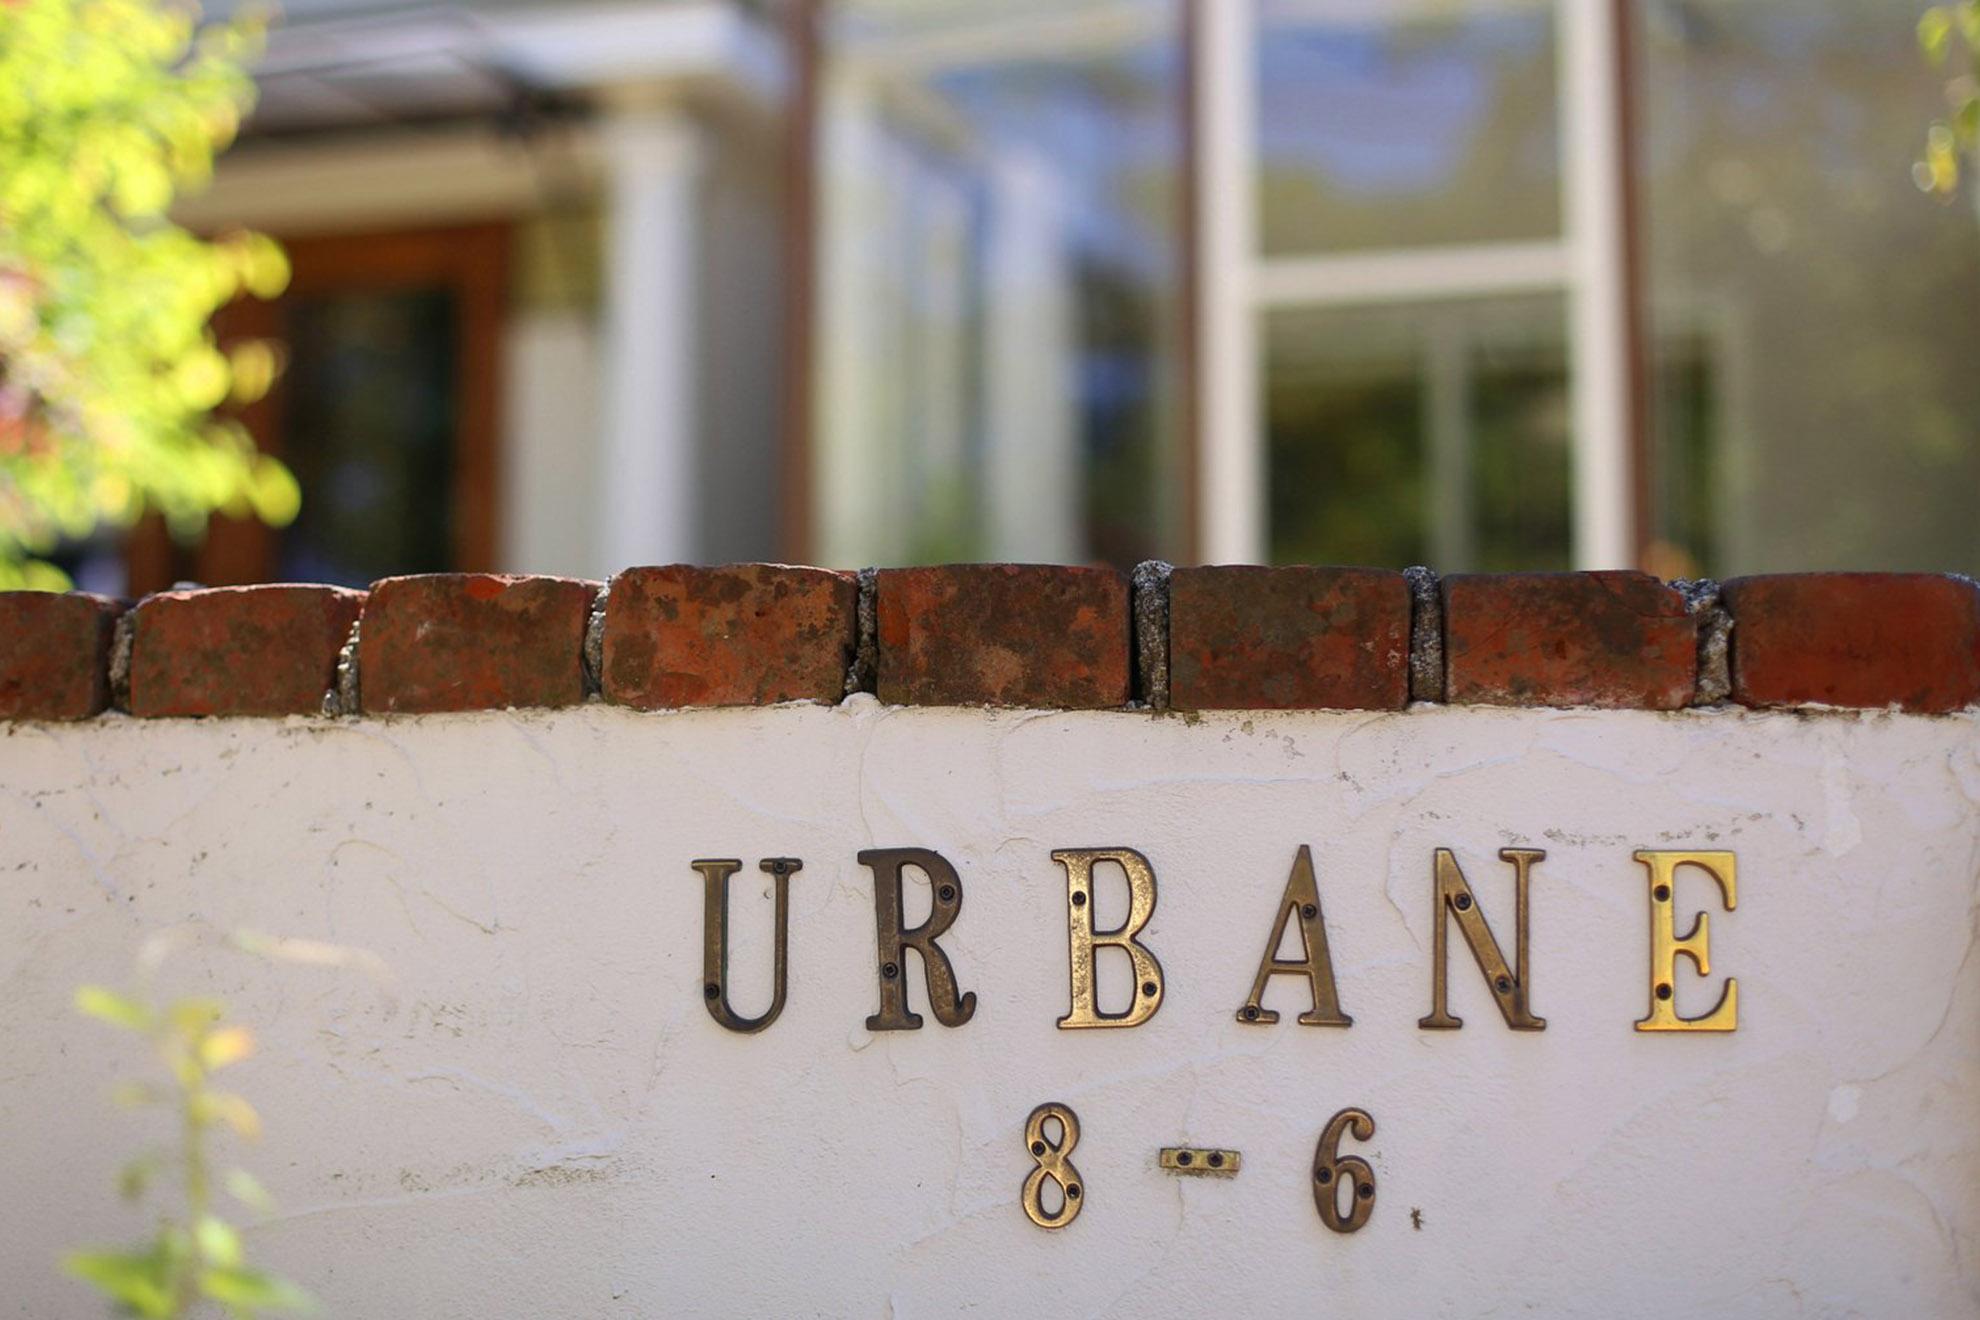 UEBANE(アーベイン)外構|庭造り|三重県津市001